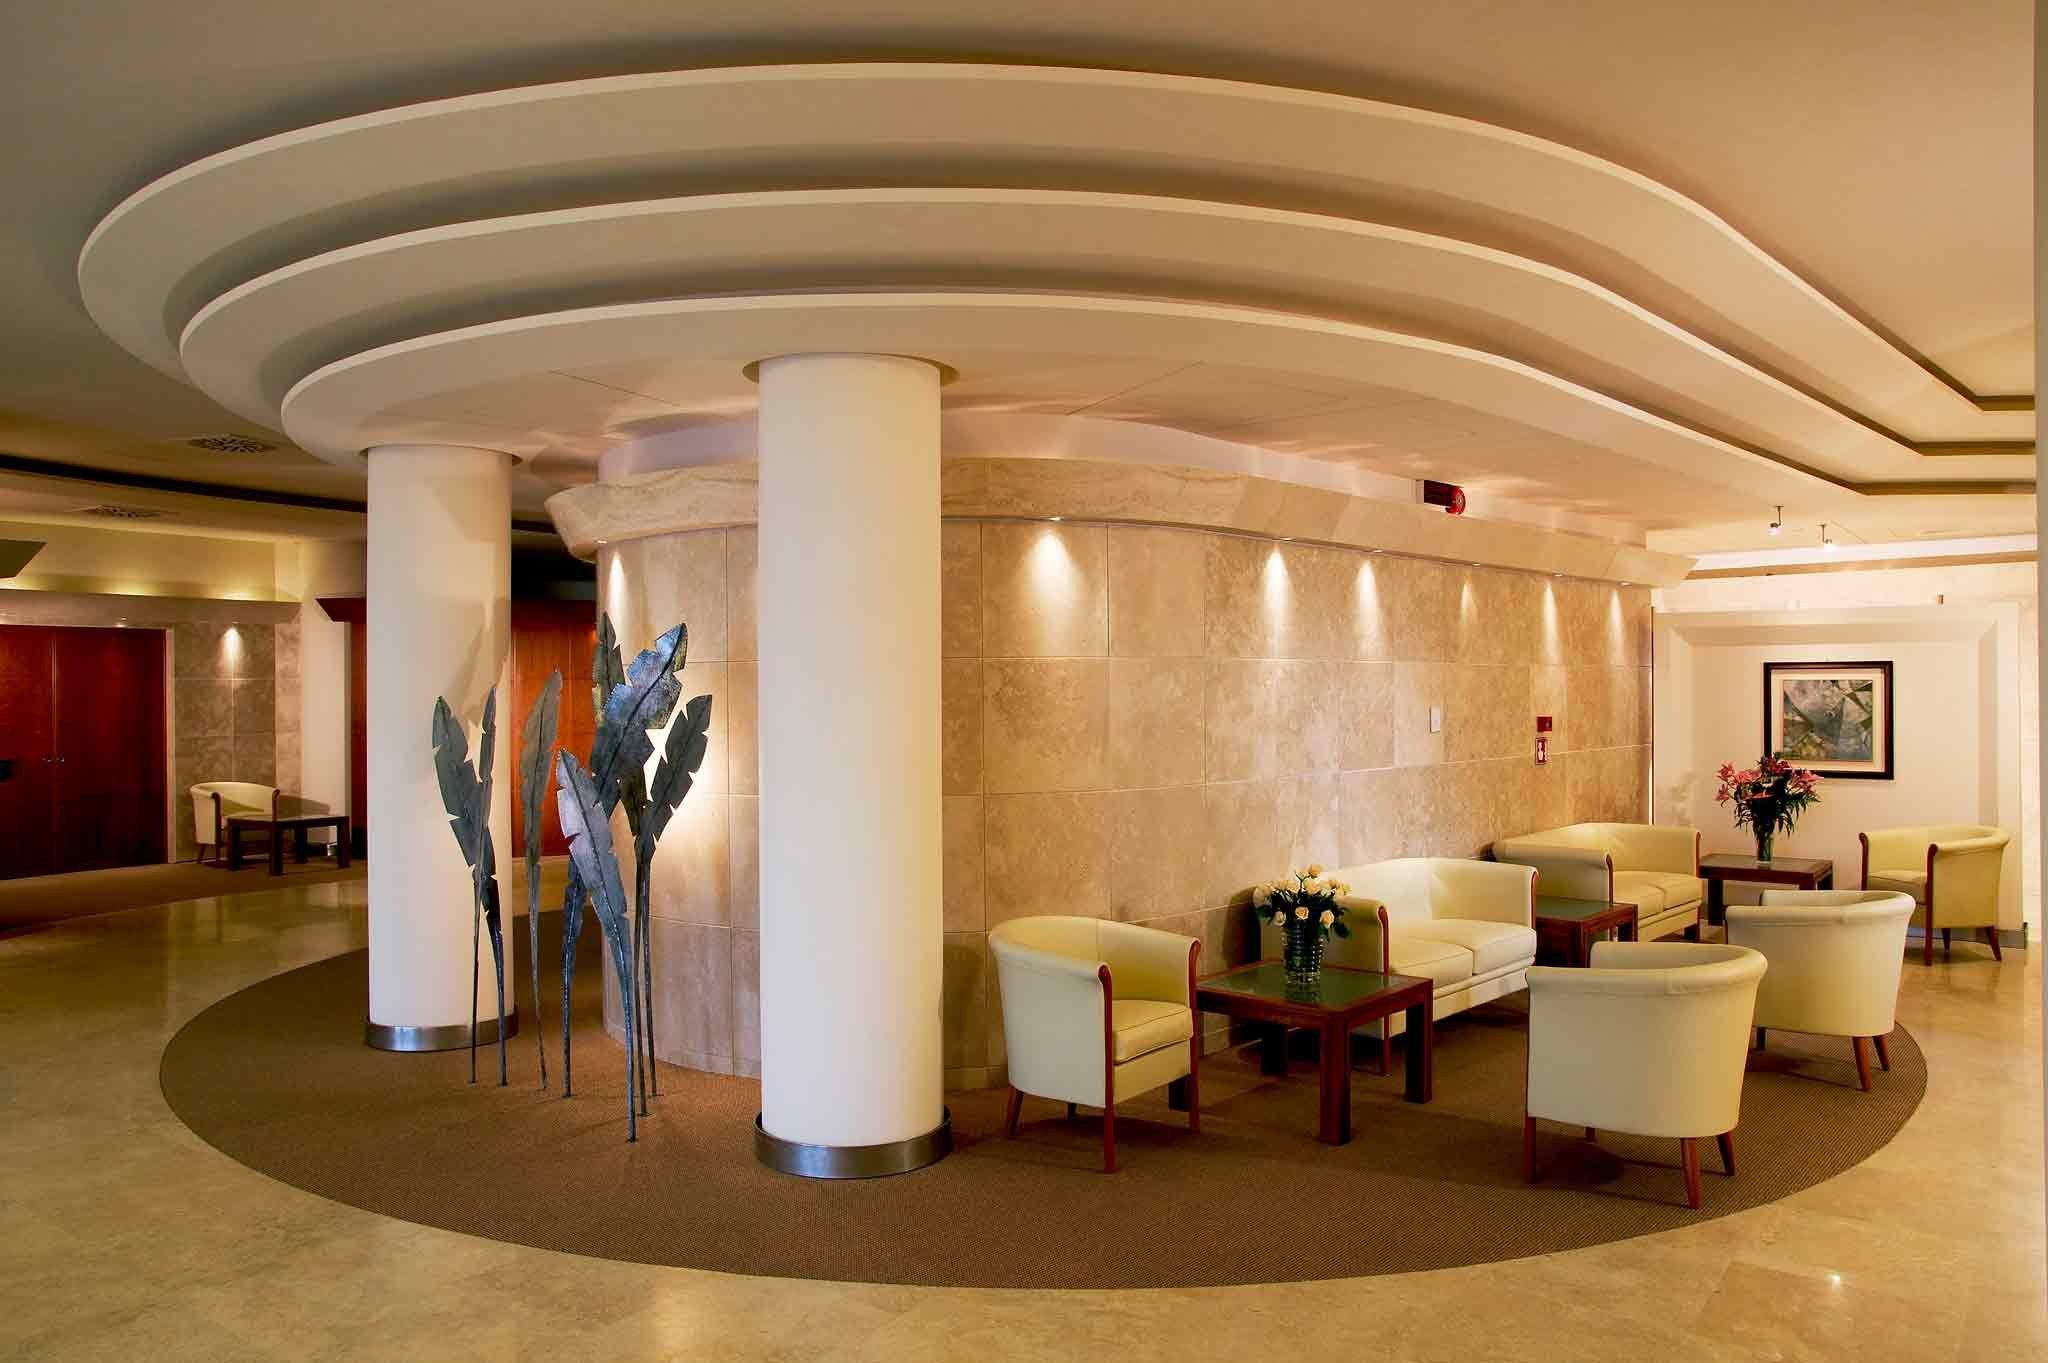 โรงแรม โนโวเทล โรม่า ลา รัสติกา